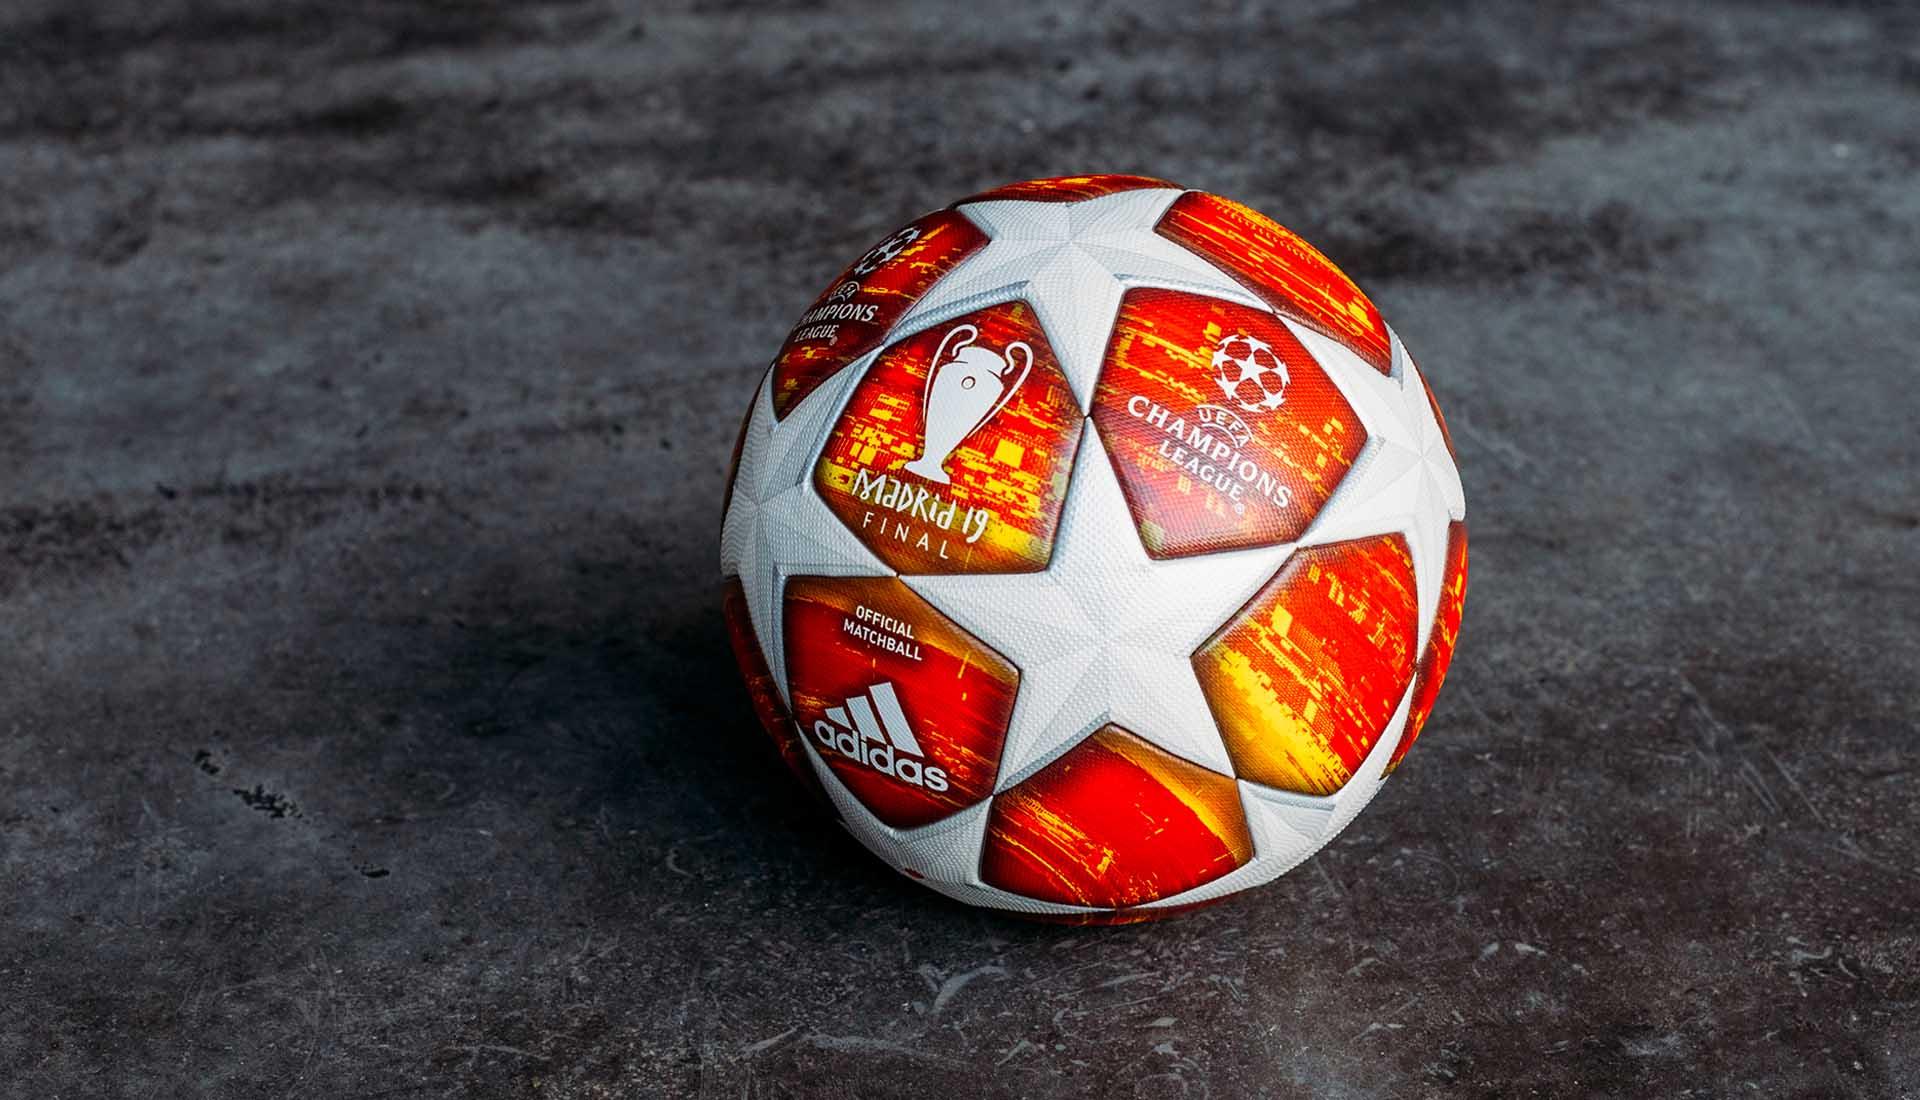 Мяч финала Лиги Чемпионов 2019